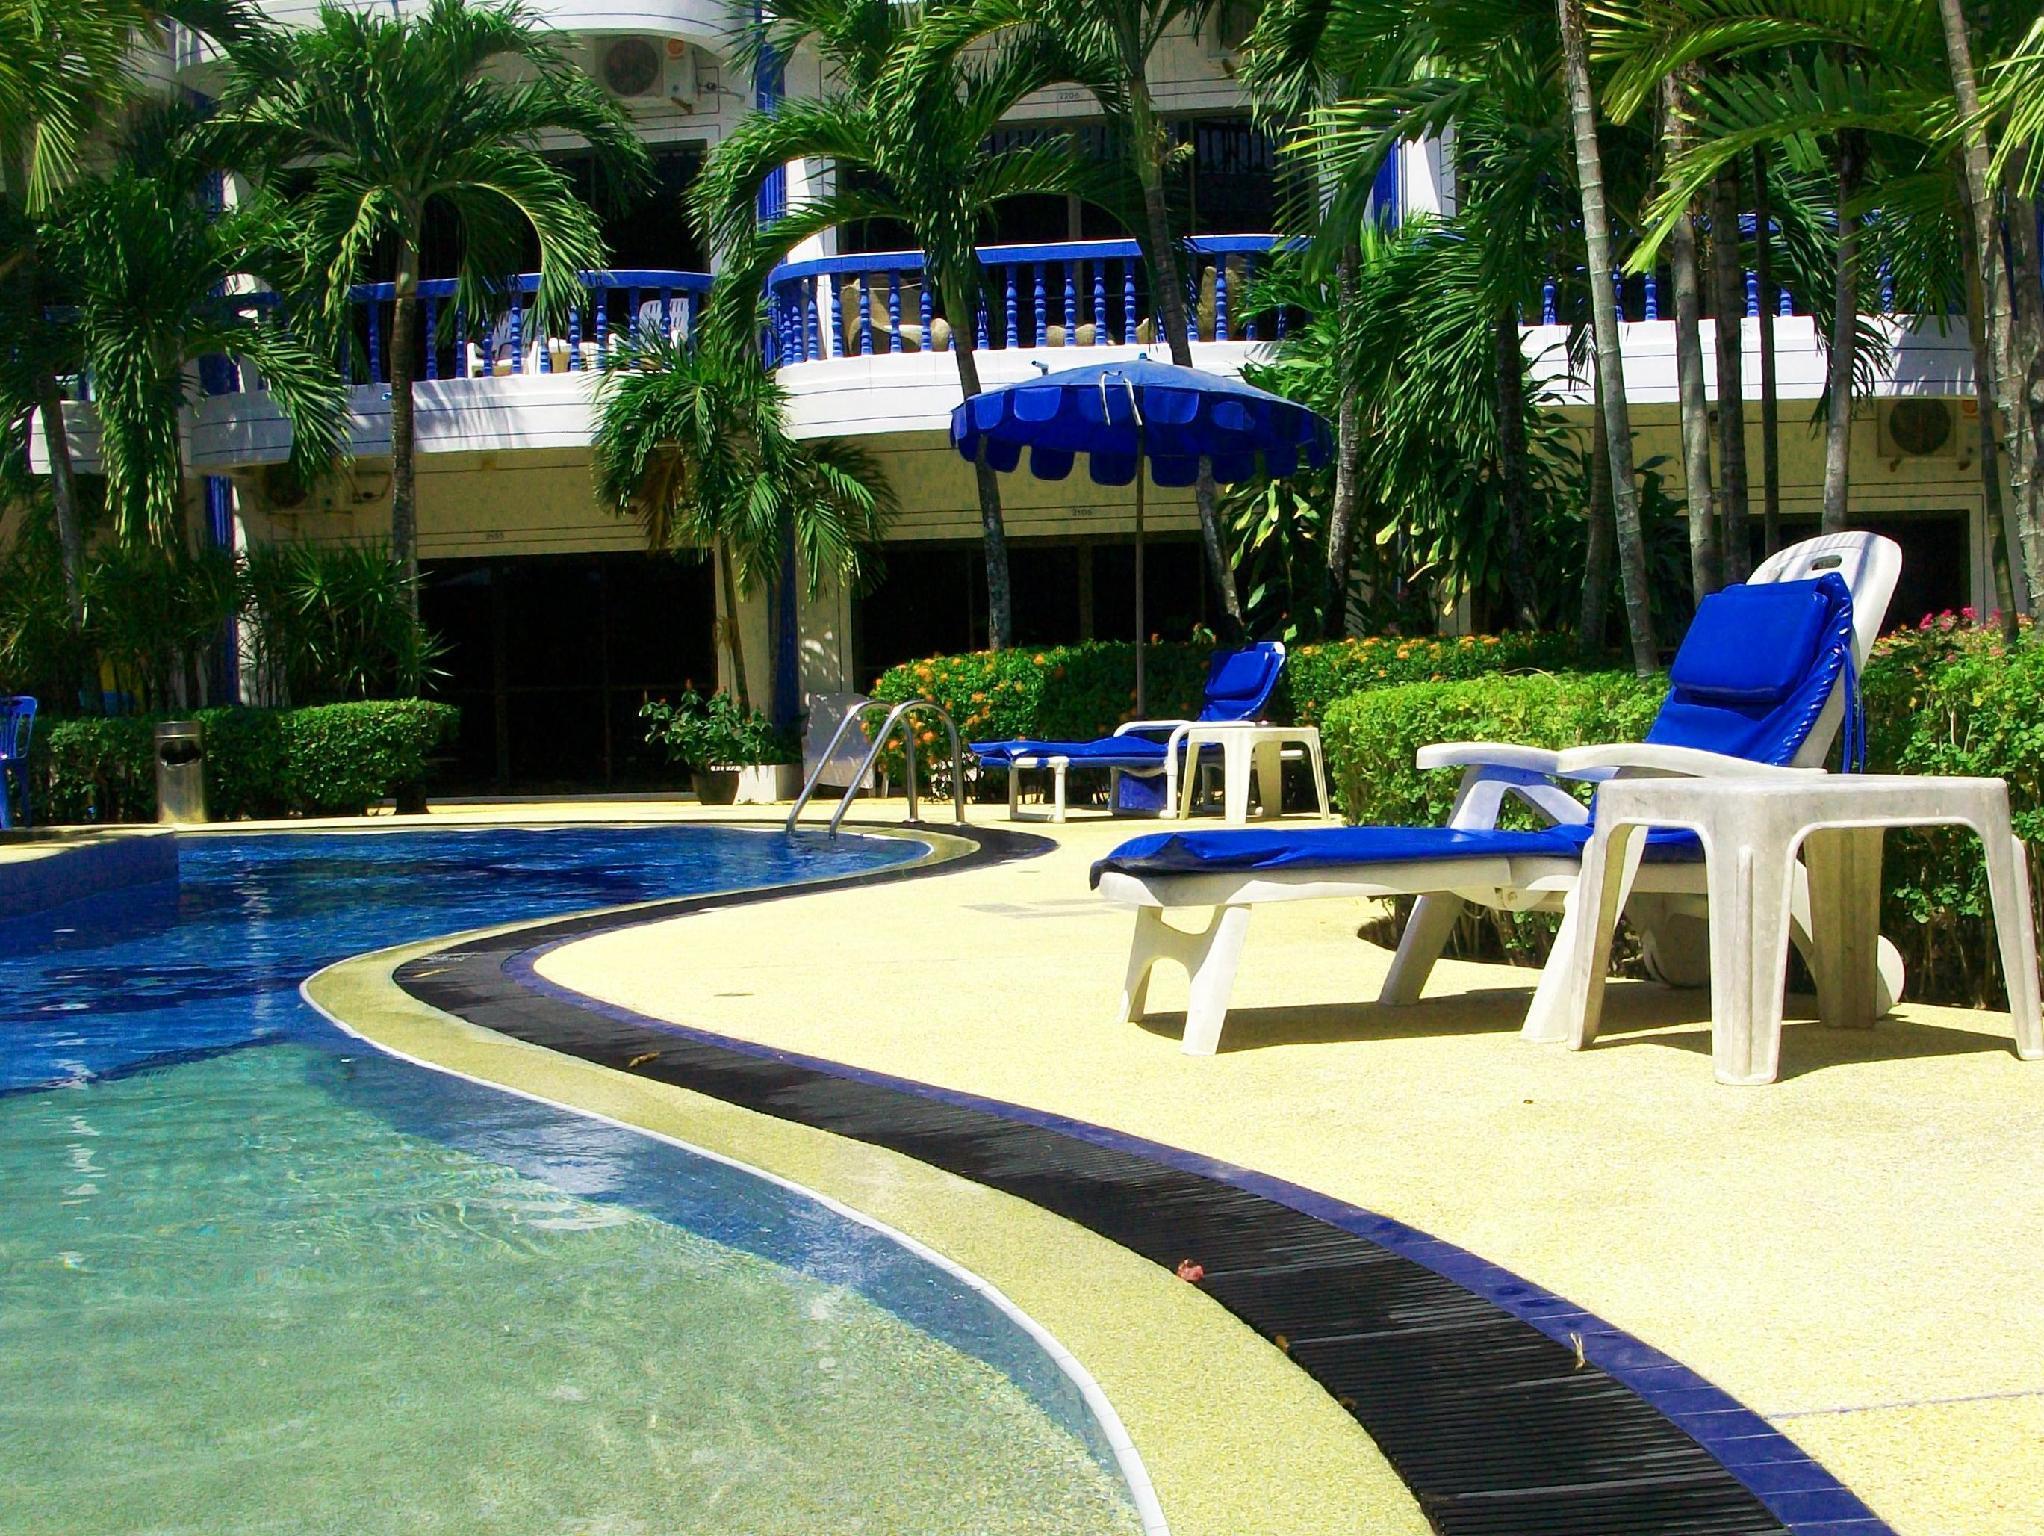 The Club Residence by Palmaris เดอะ คลับ เรสซิเดนซ์ บาย ปาลมาริส